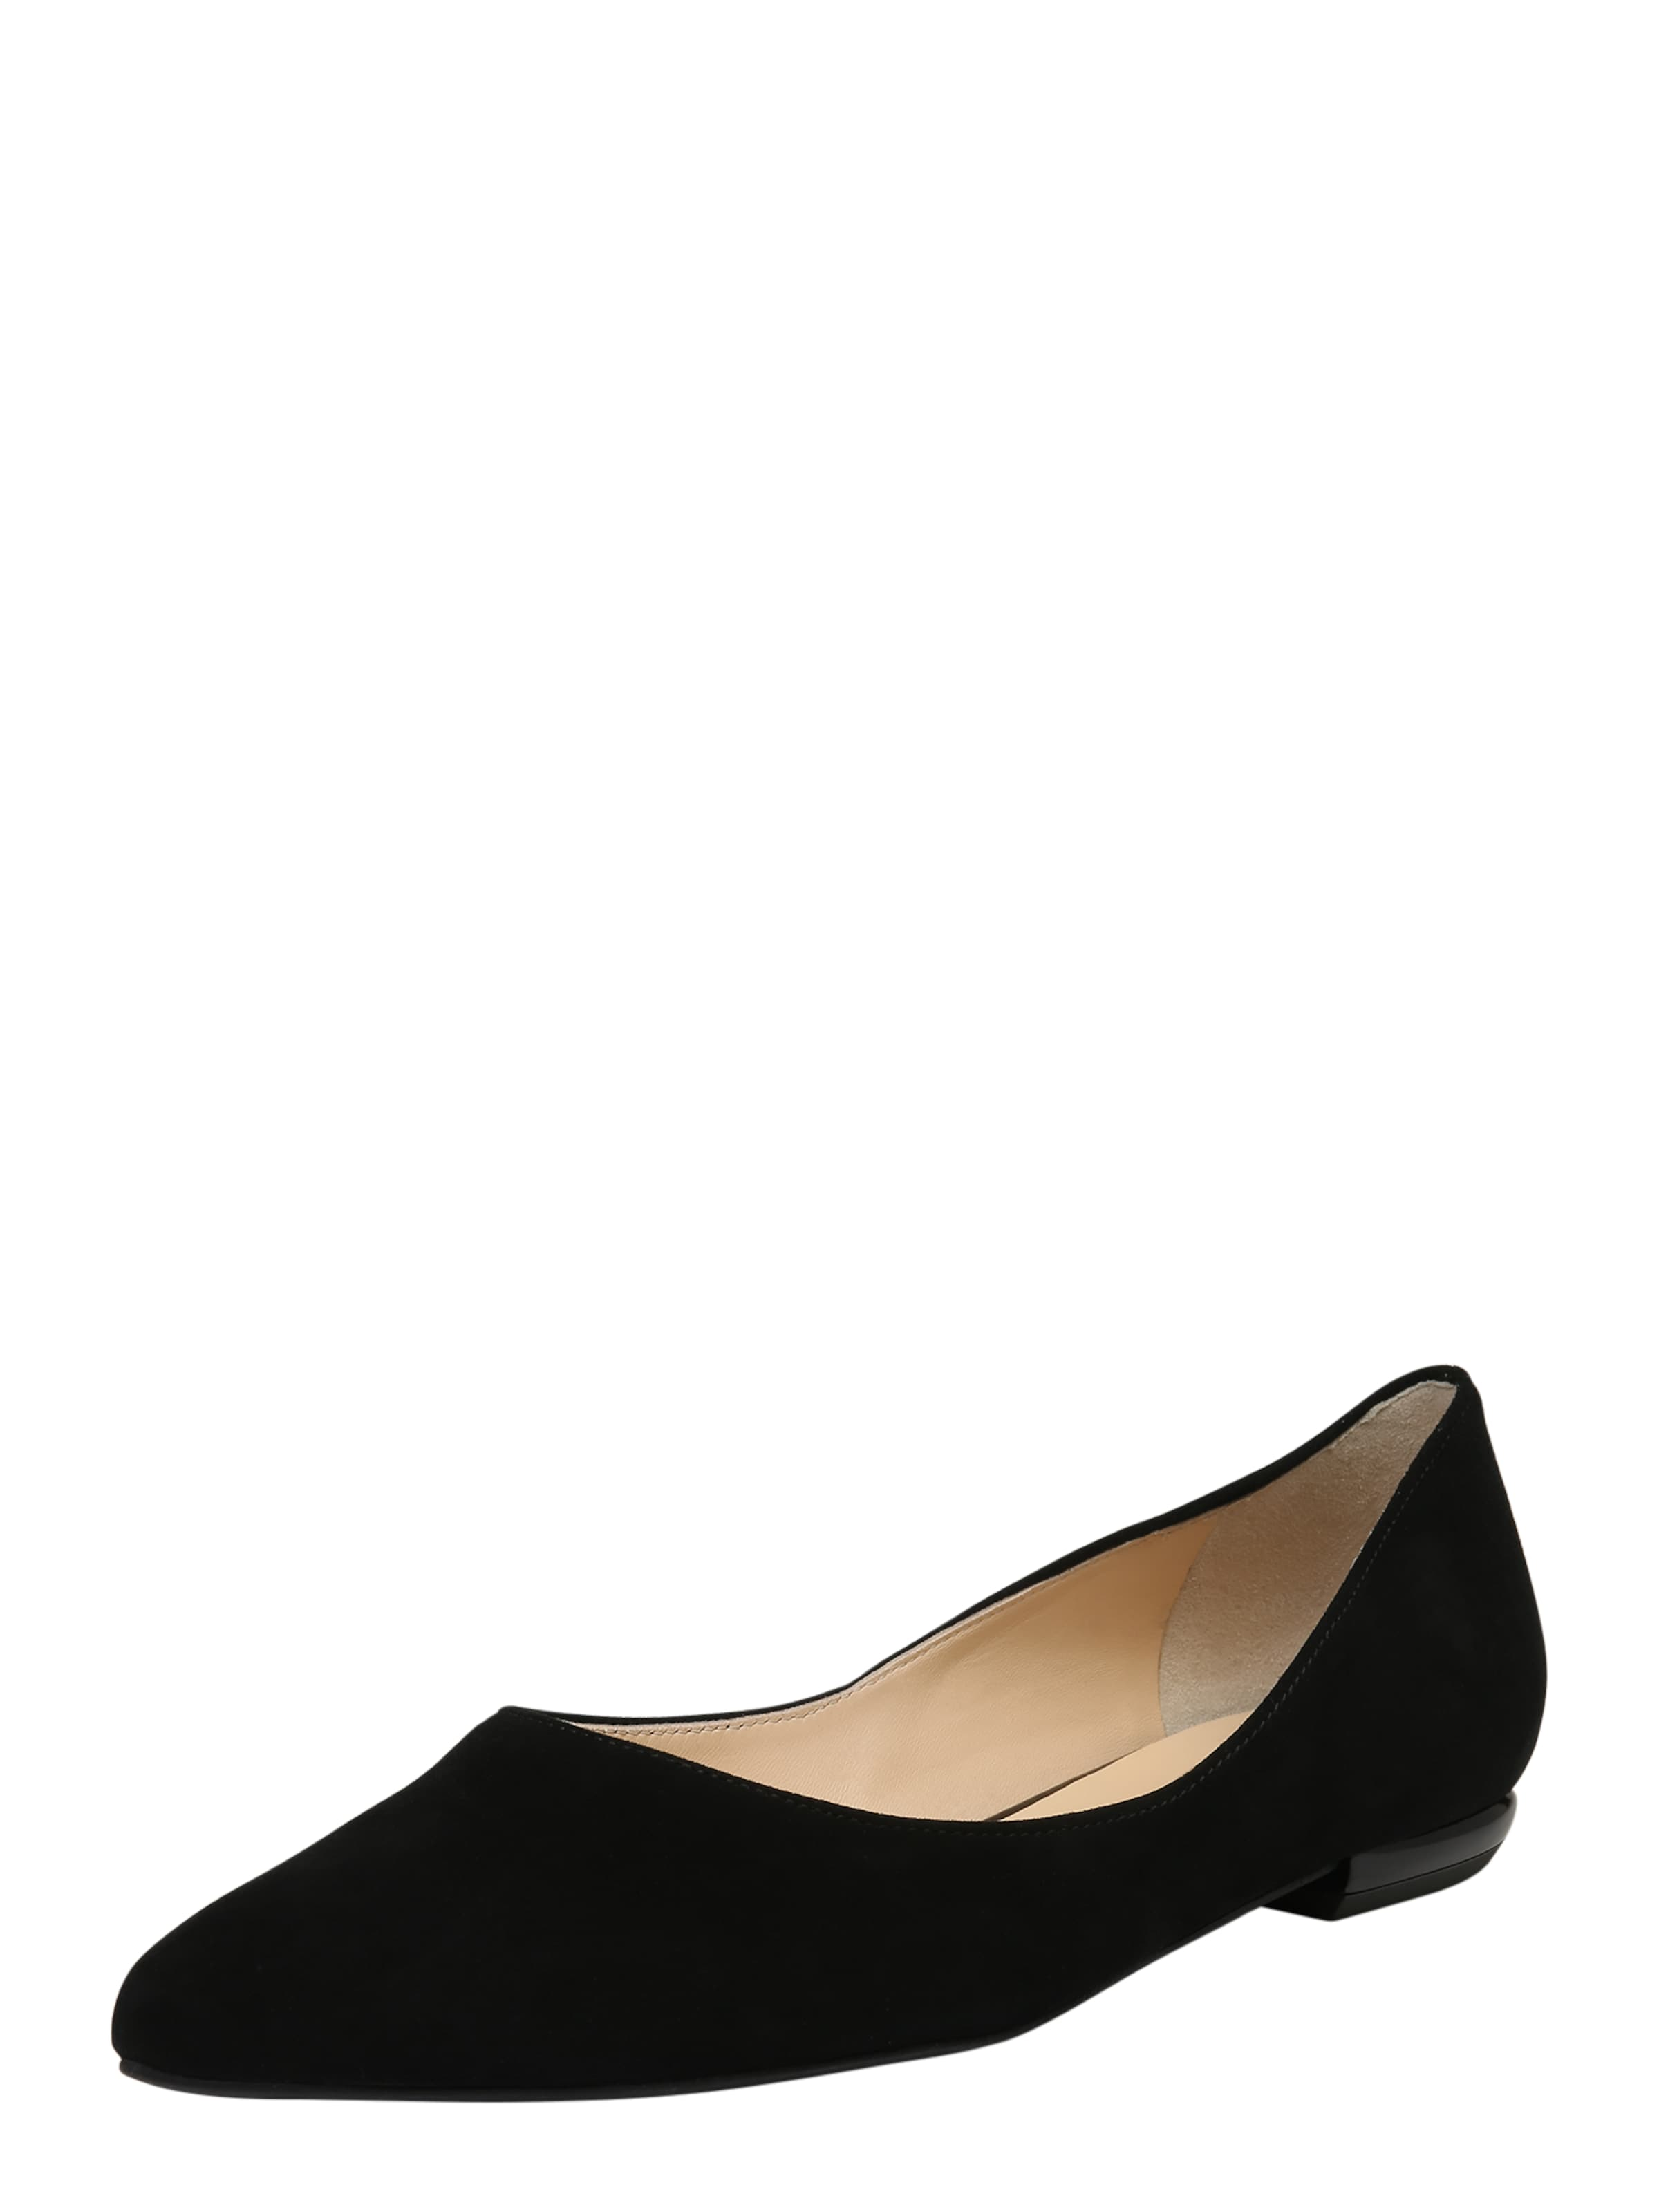 Högl Ballerinas Verschleißfeste billige Schuhe Hohe Qualität